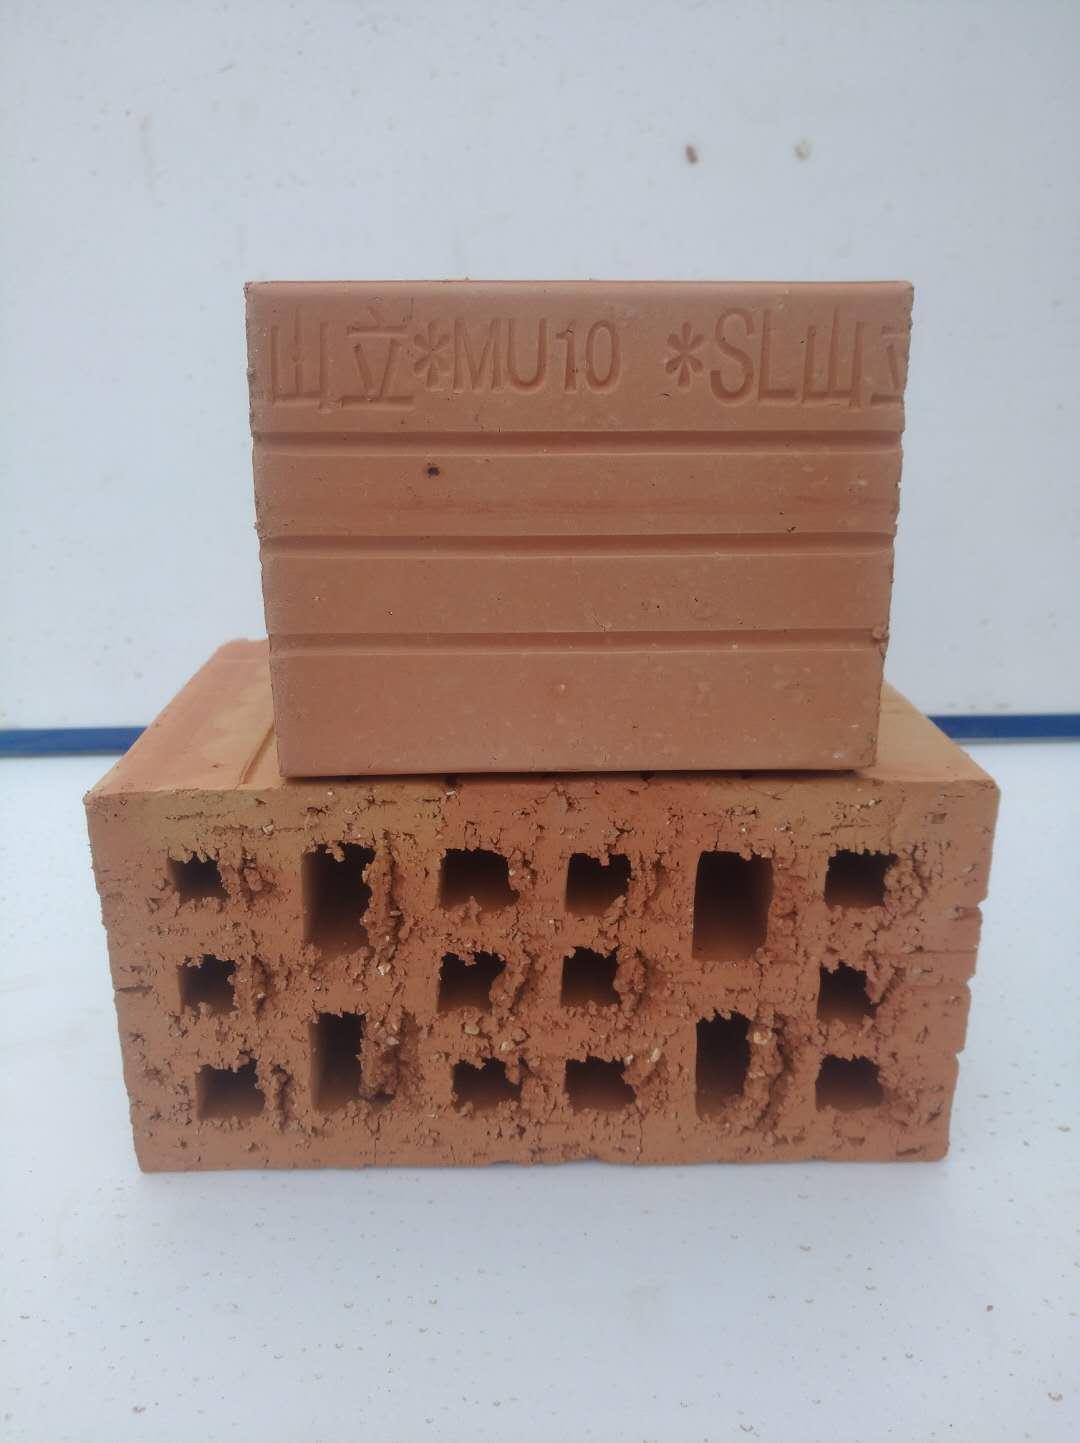 眉山烧结页岩多孔砖厂家谈页岩烧结多孔砖的优势